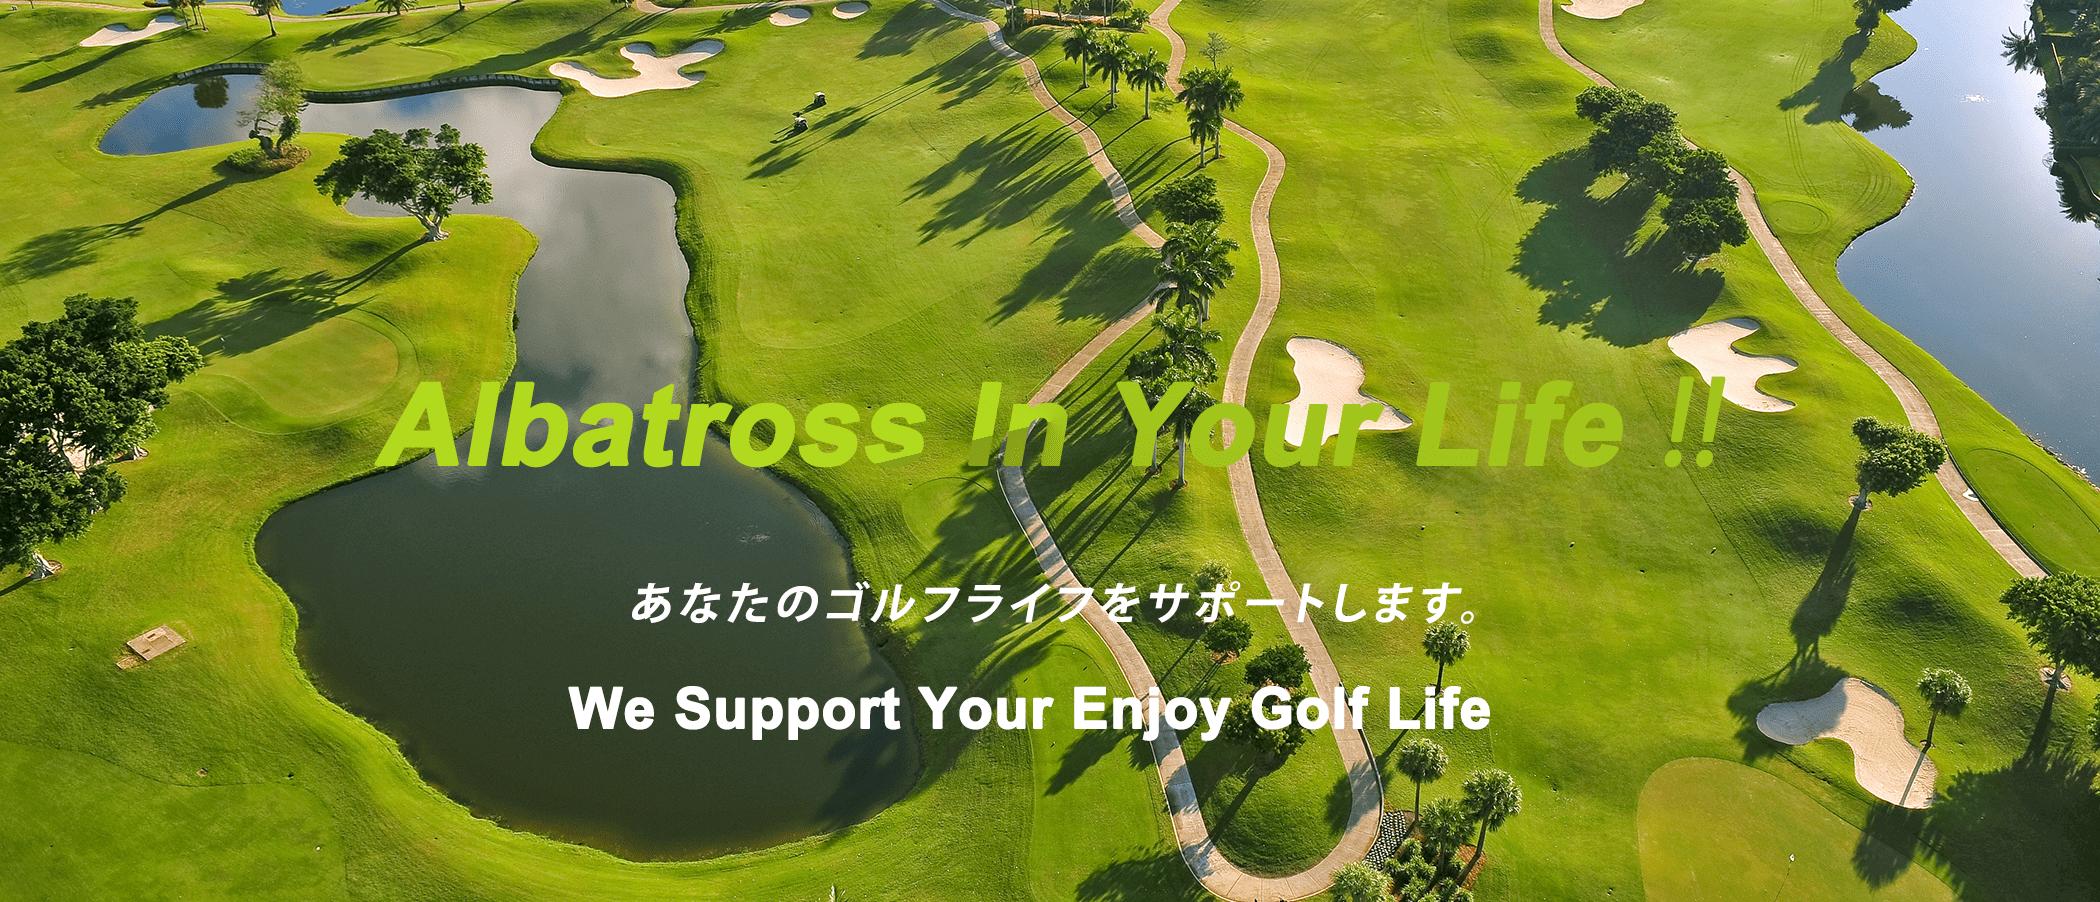 もっと身近にゴルフライフを。 | 上空からゴルフ場を見下ろした風景